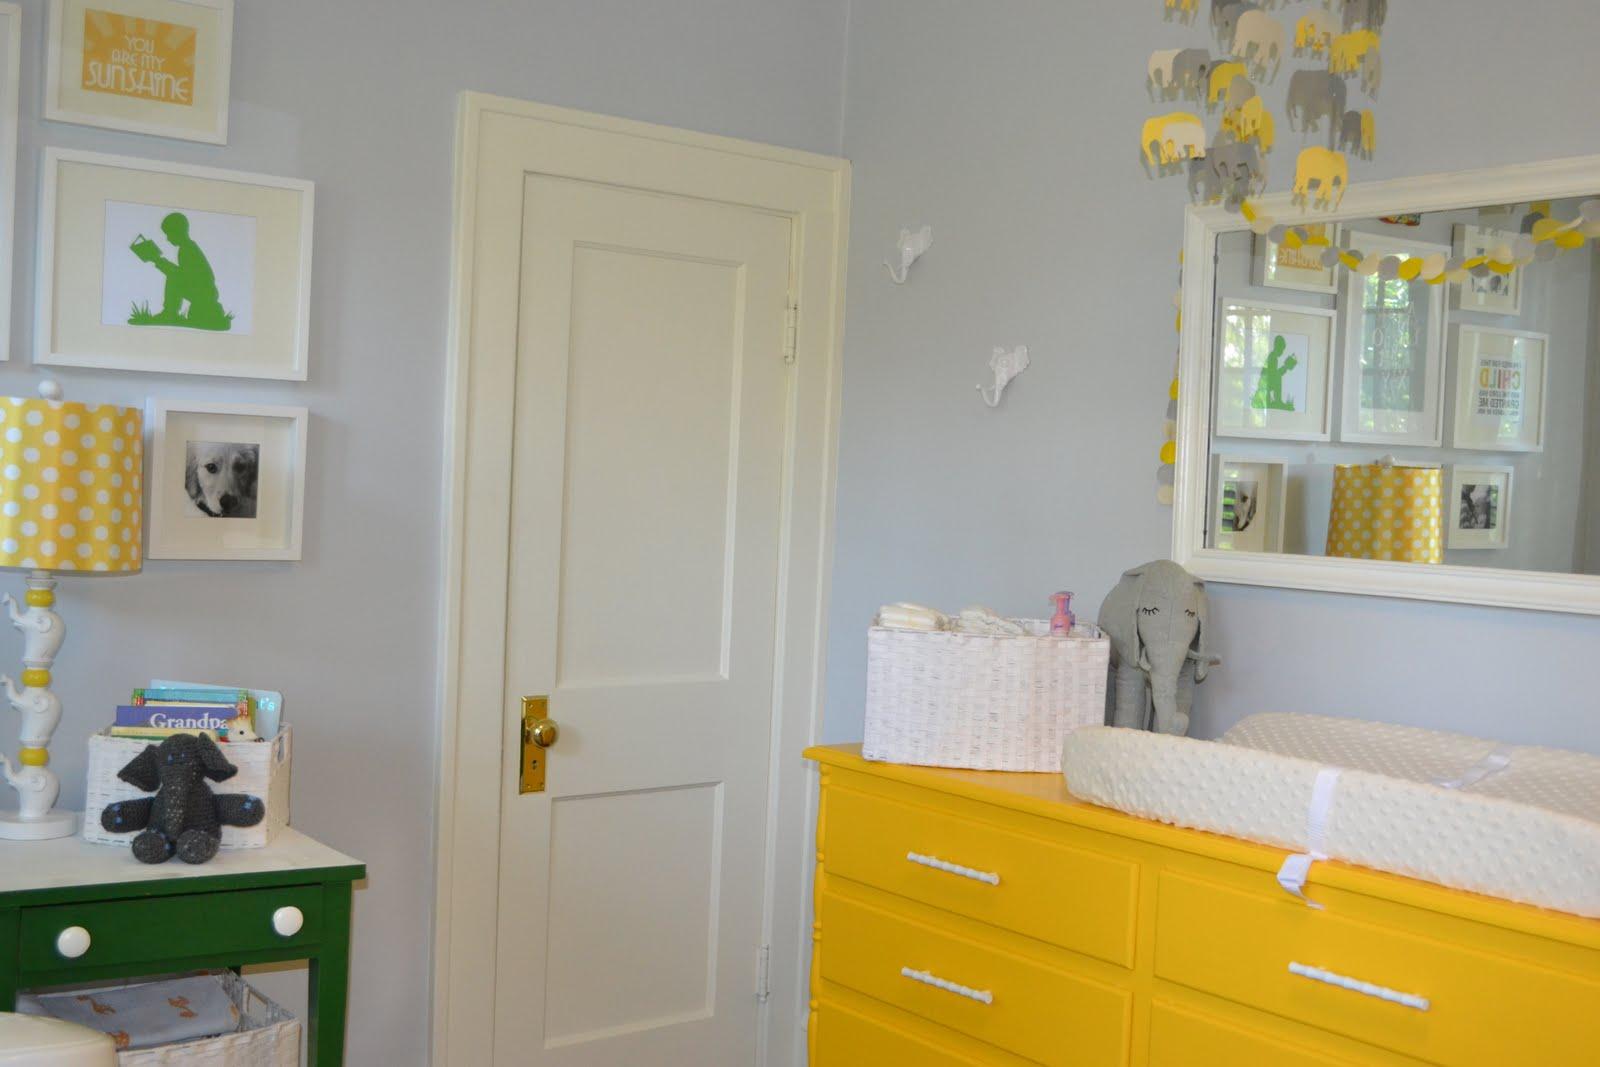 http://4.bp.blogspot.com/-fOXudLHo2og/Tjnm9kgB65I/AAAAAAAACfM/1BpQEU0rCHk/s1600/Closet+Corner.JPG